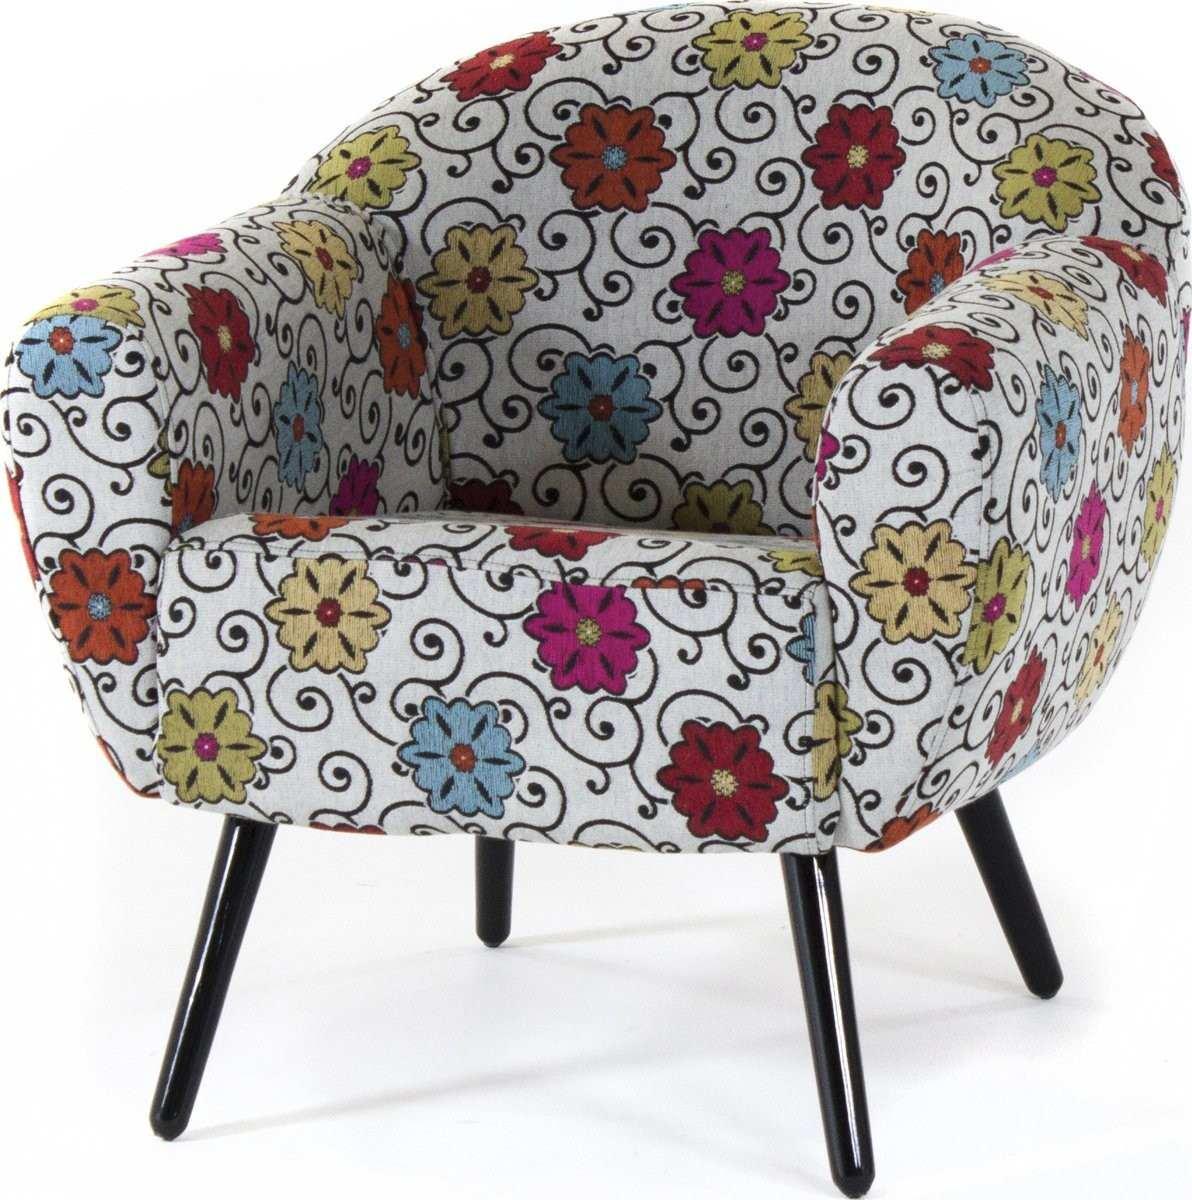 Poltrona sofia decorativa p s palito cadeira sof quarto for Sofa que vira beliche onde comprar